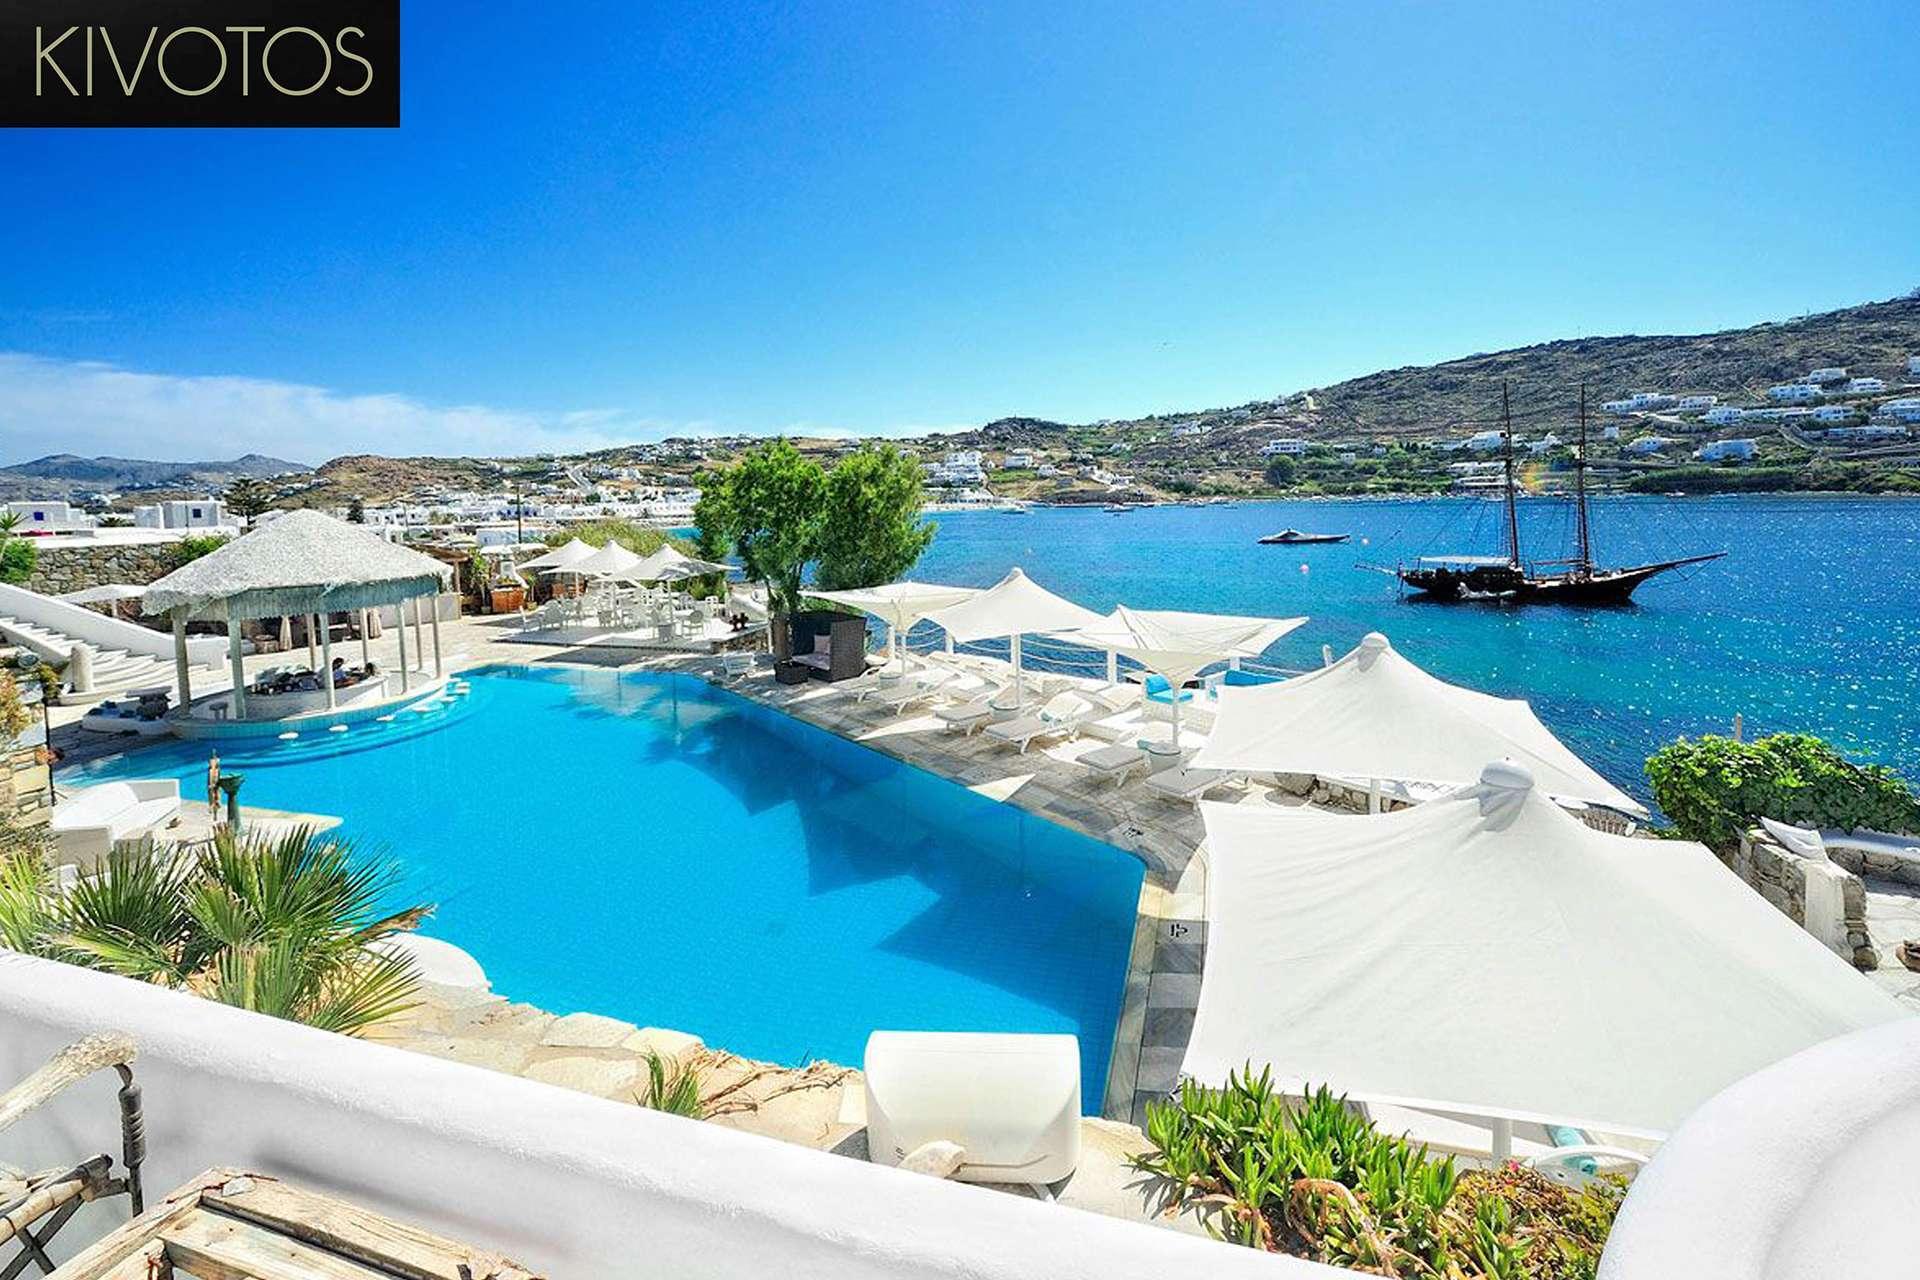 kivotos-mykonos-hotel-mykonos-exclusive